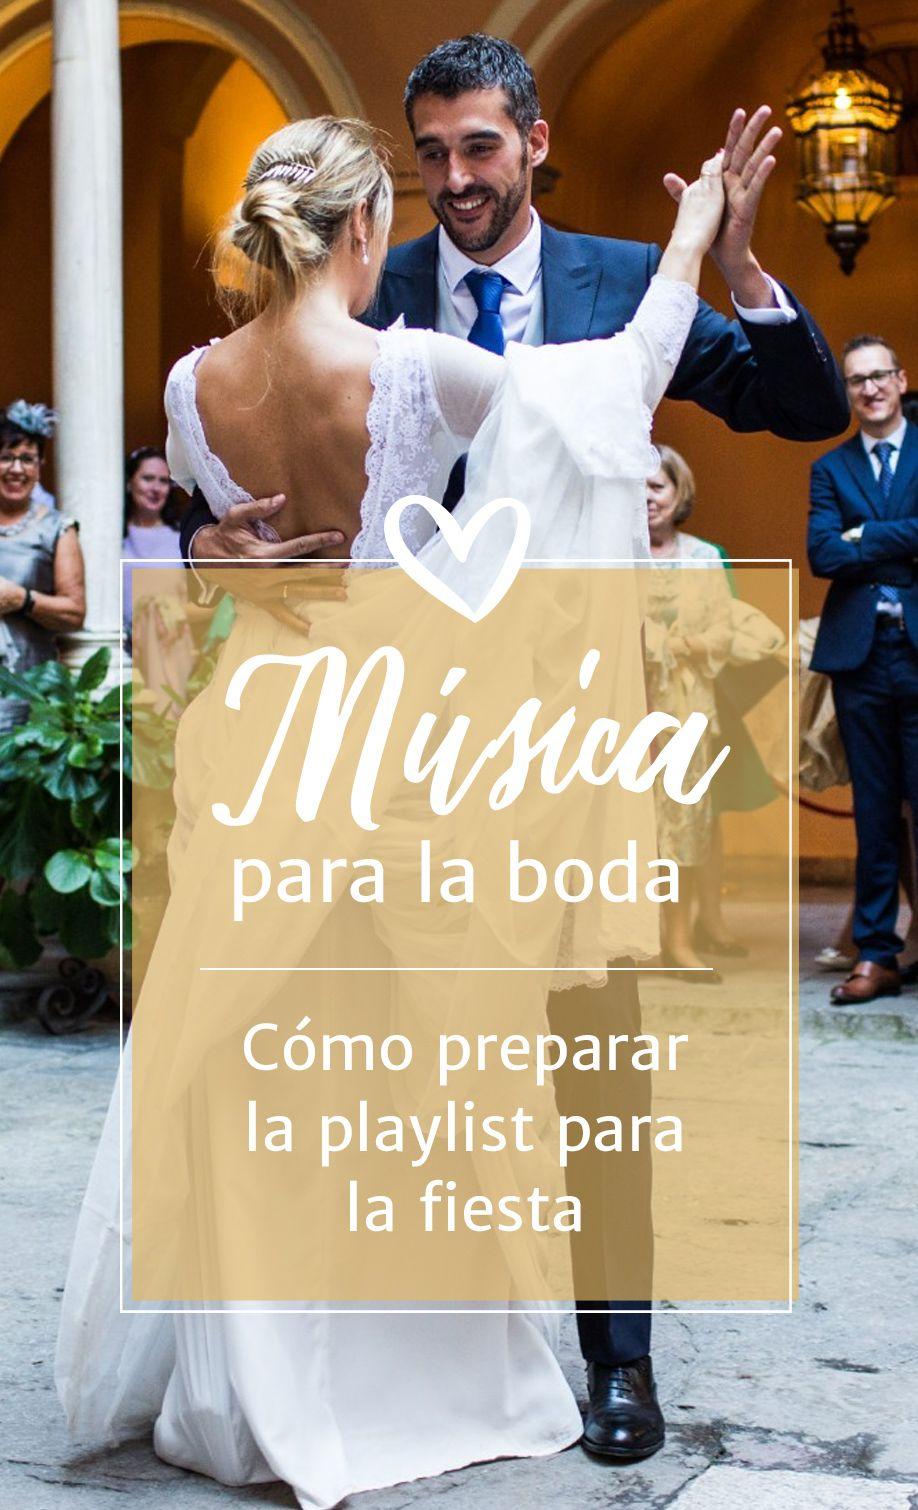 Elige las mejores canciones para el casamiento. #dj #music #musica #group #grupo #banda #fiesta #sonido #celebracion #casamiento #wedding #playlist #playing #nowplaying #música #canciones #grupoenvivo #musicaenvivo